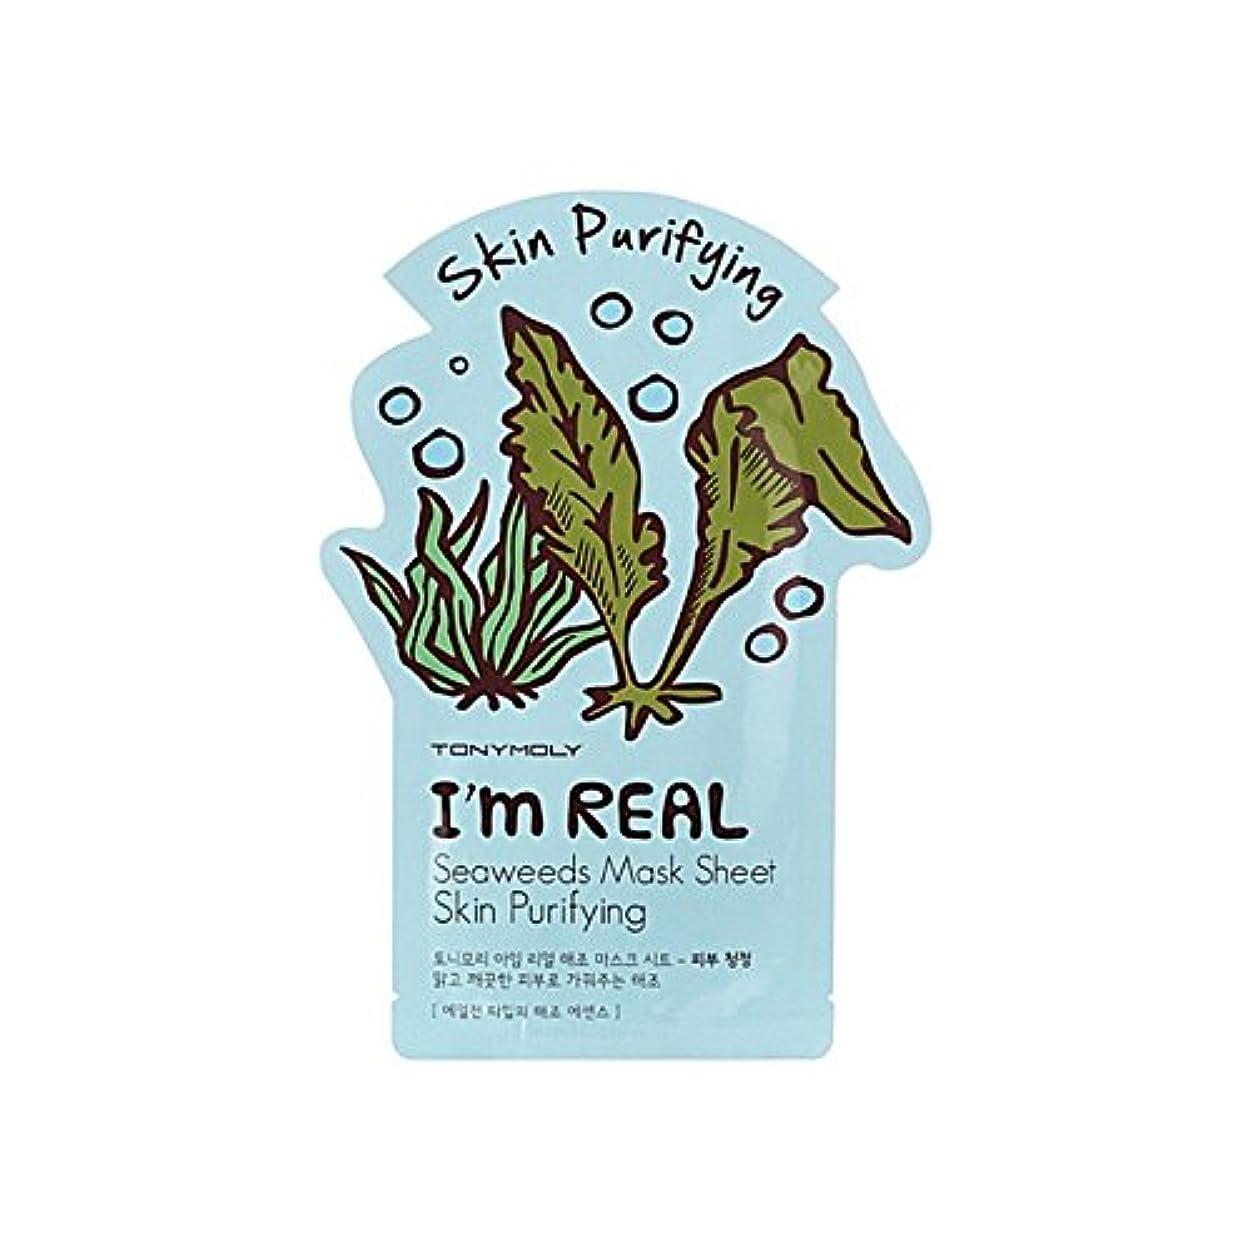 トニーモリー私は本当の肌浄化海藻フェイスマスクです x4 - Tony Moly I'M Real Skin Purifying Seaweed Face Mask (Pack of 4) [並行輸入品]